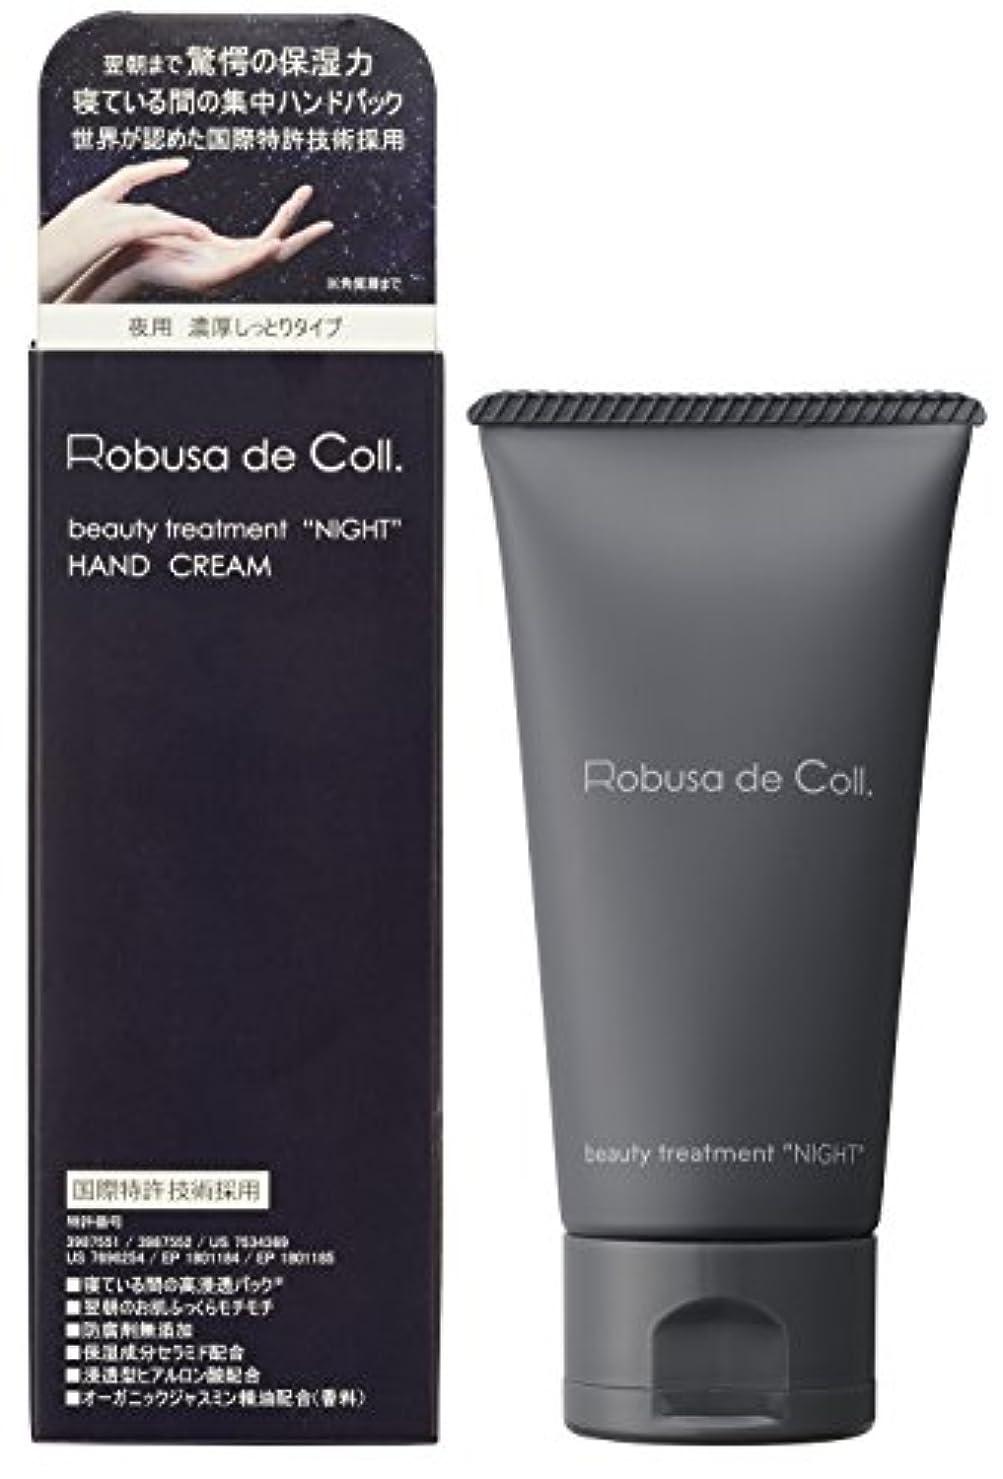 取り組むまさにリテラシーRobusa de Coll. (ロブサデコル) ナイトリペアクリーム (ハンドクリーム) 60g (皮膚保護クリーム 乾燥 敏感肌用)